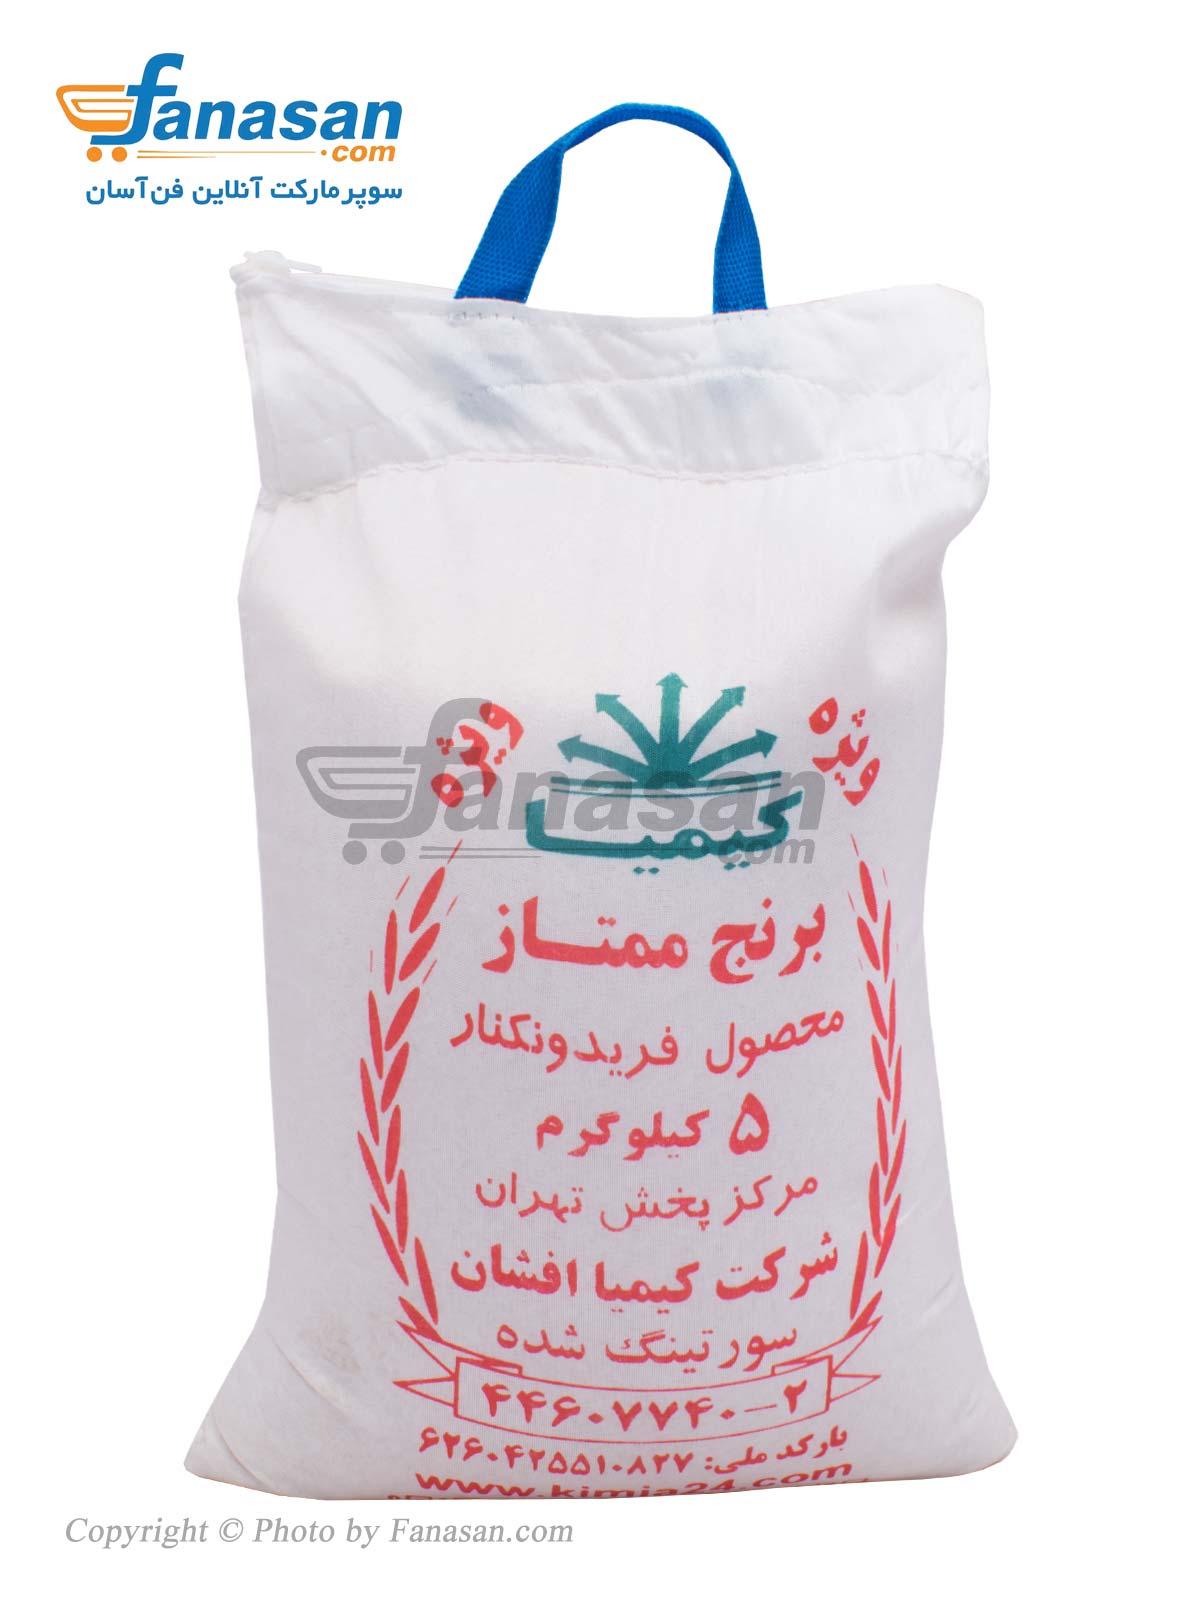 برنج ممتاز کیمیا محصول فریدون کنار ویژه 5 کیلوگرم